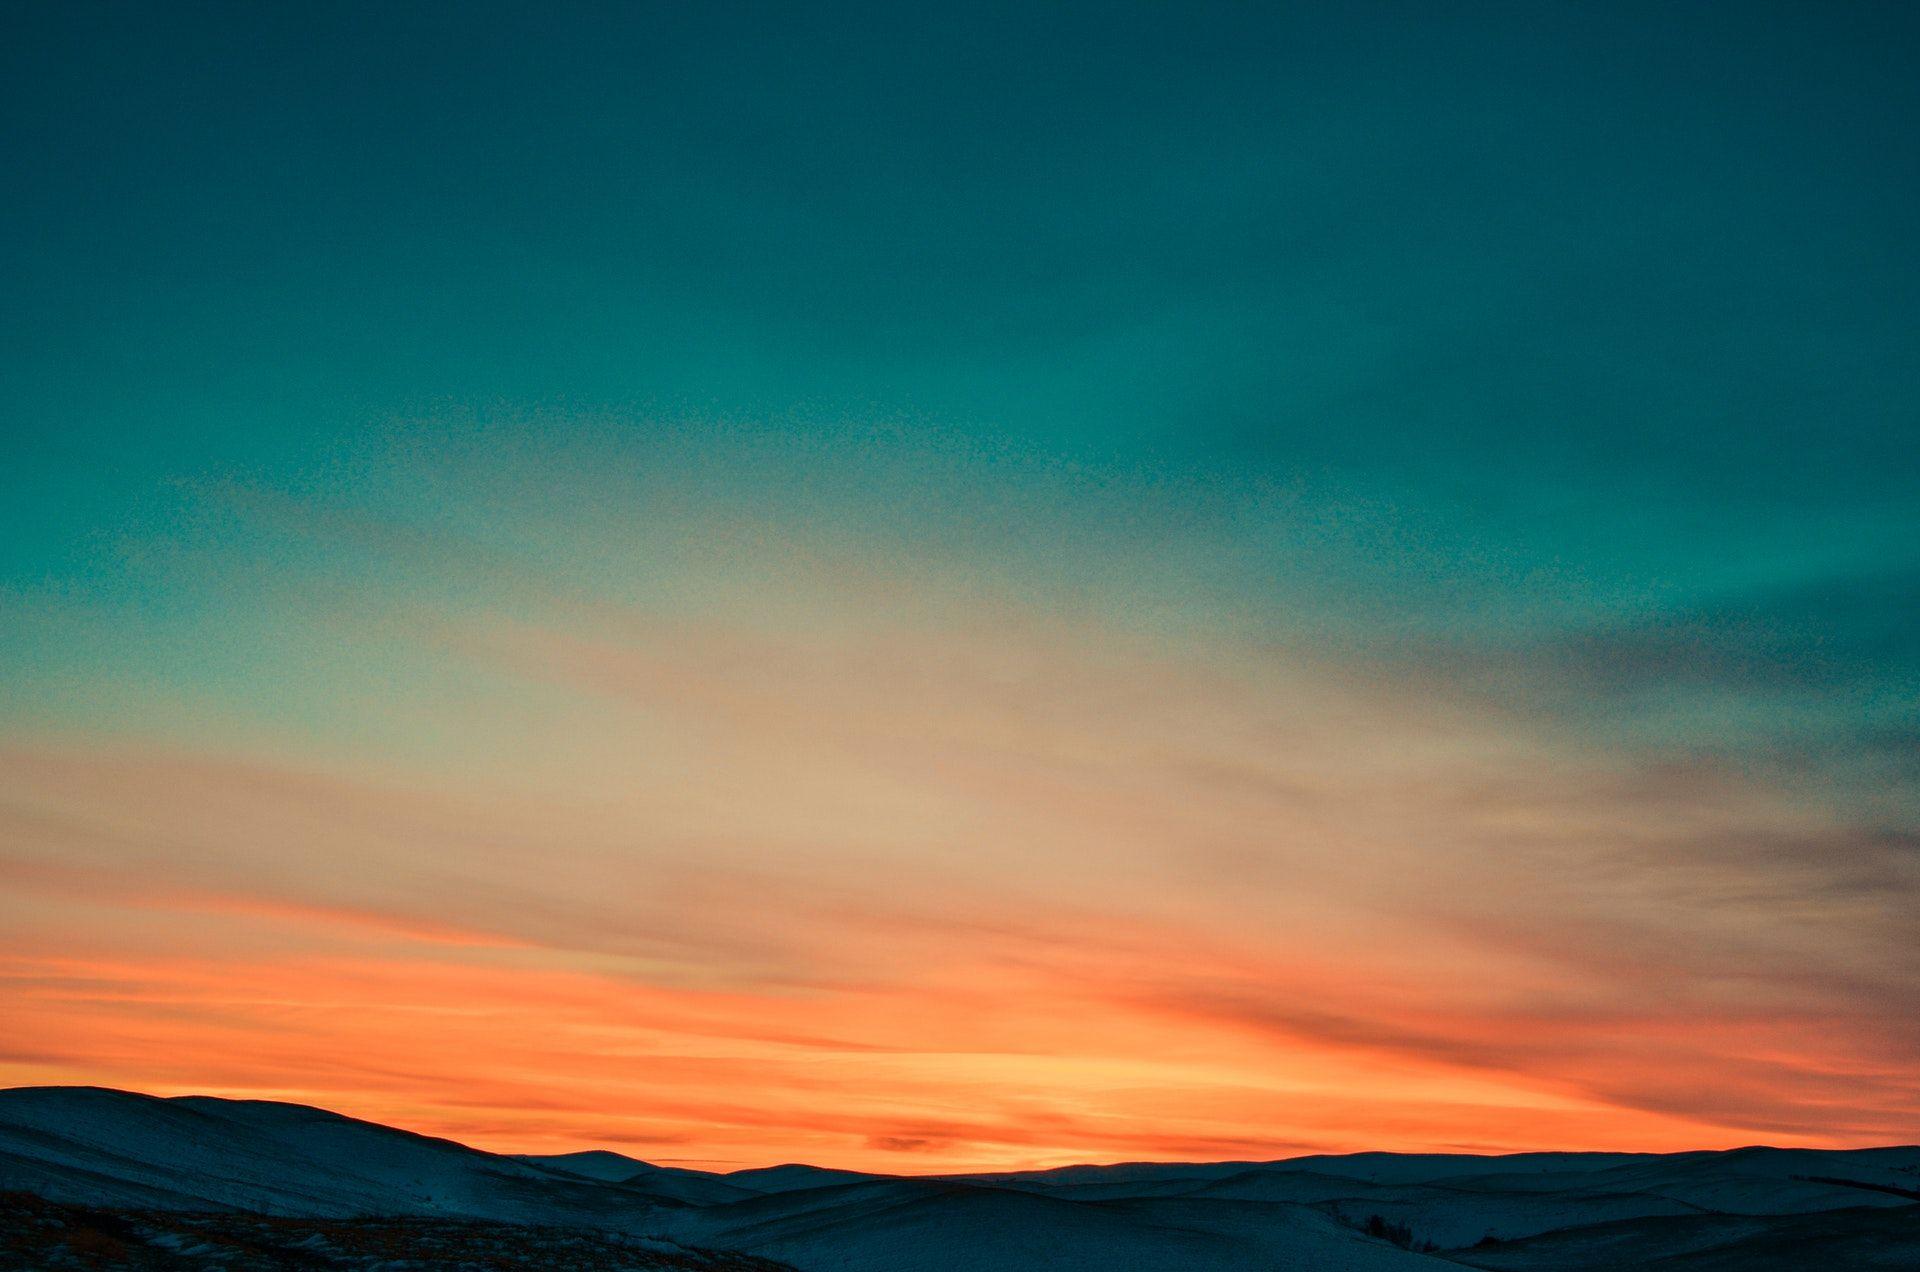 عکس زمینه غروب خورشید پشت کوه های پوشیده از برف پس زمینه